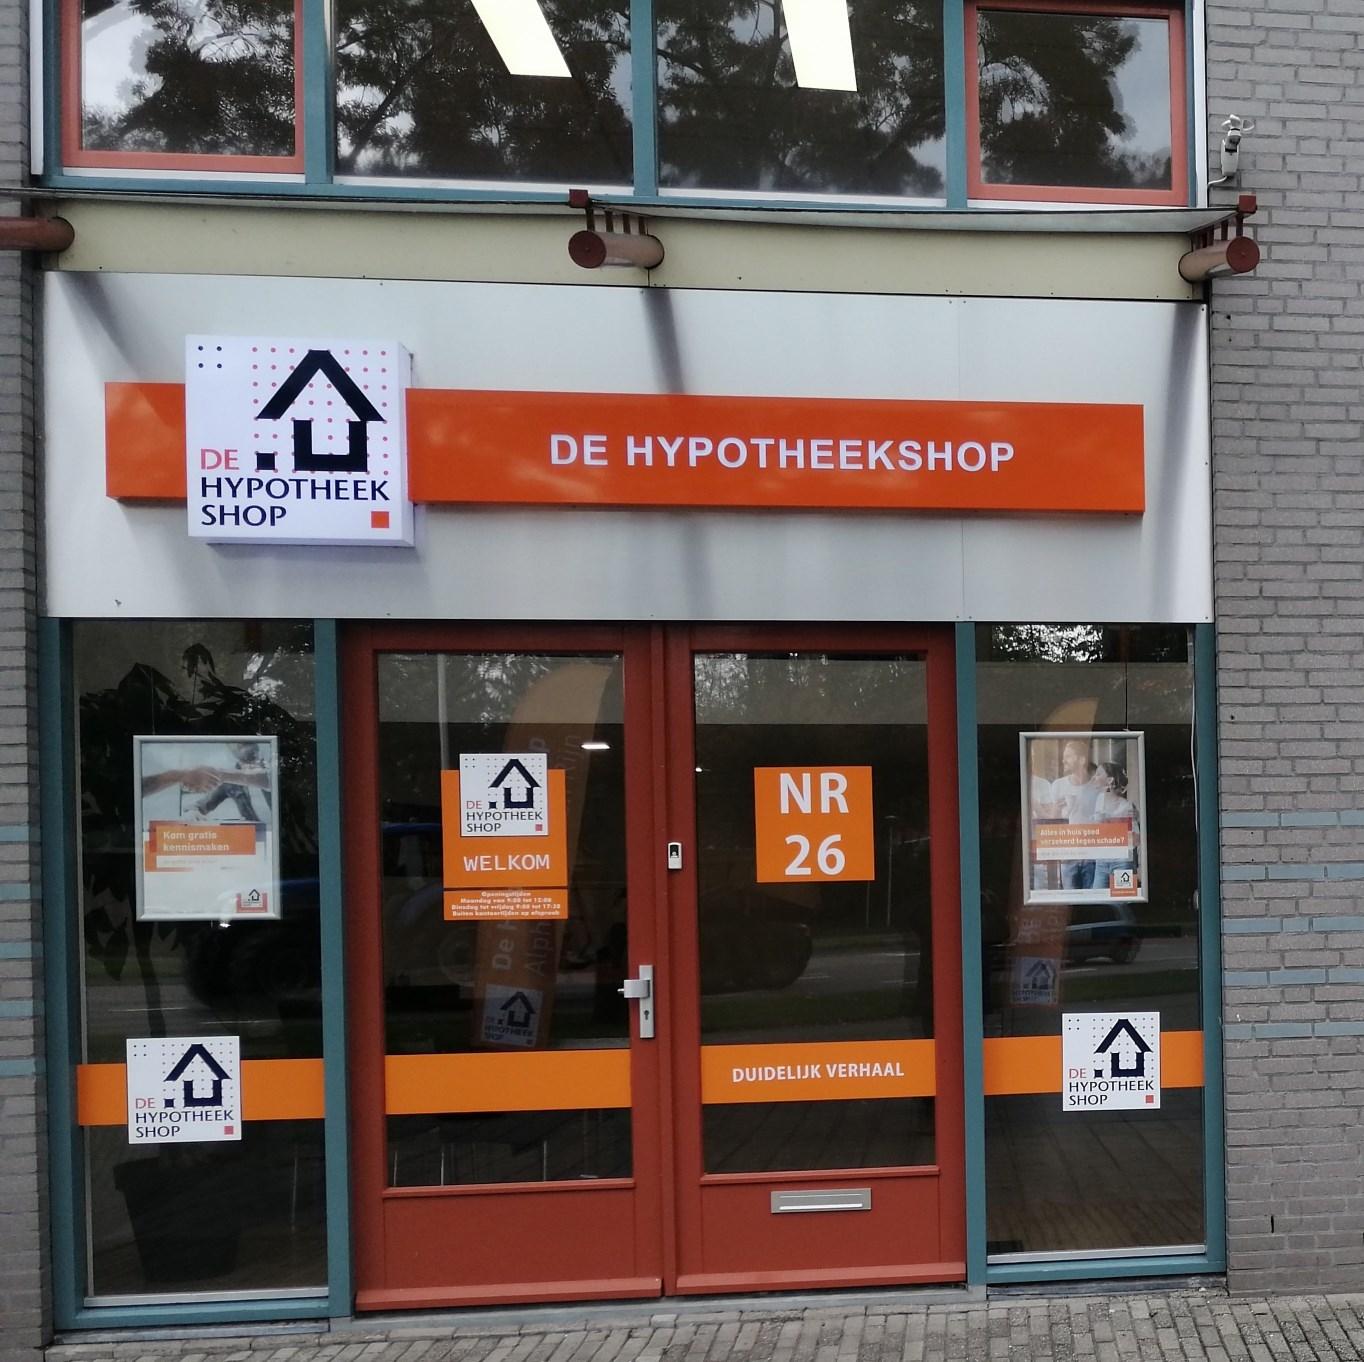 De Hypotheekshop Alphen aan den Rijn